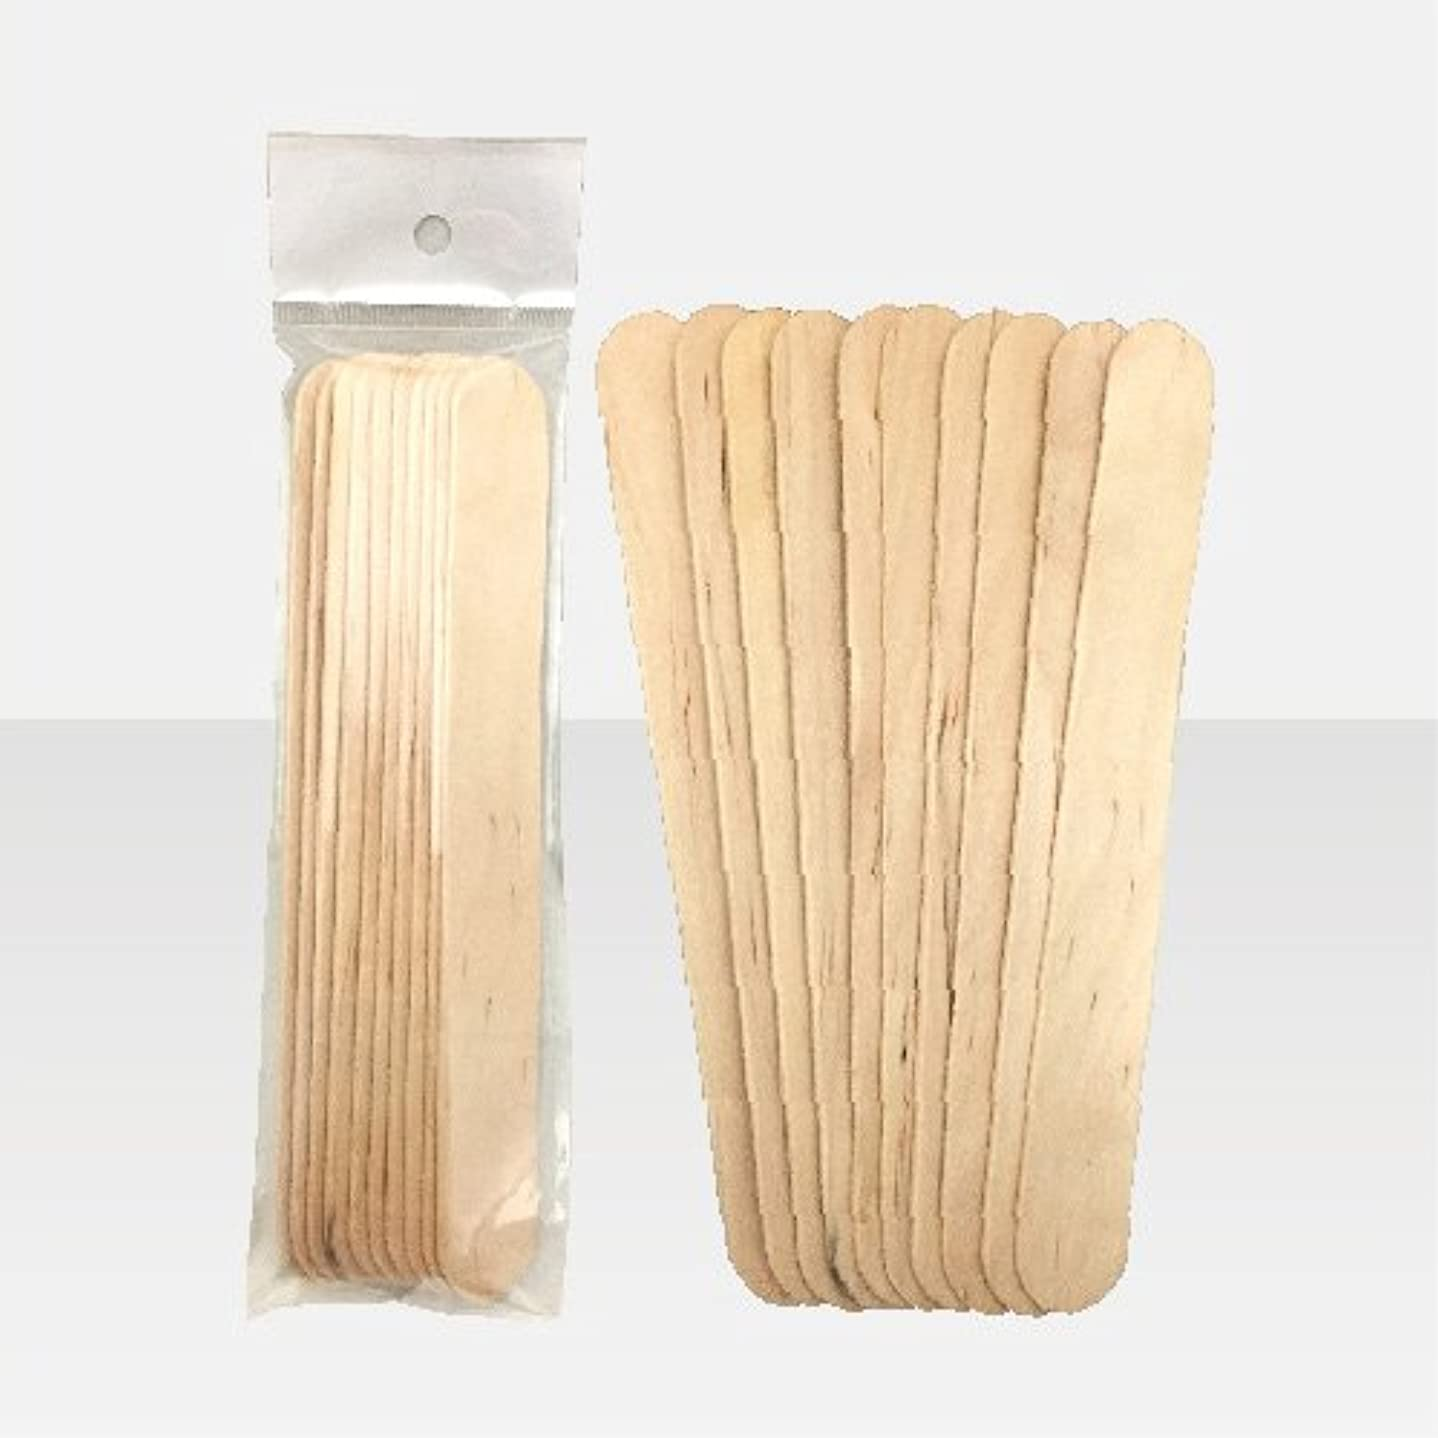 放棄リボン刺しますブラジリアンワックス 脱毛ワックス用  ワックススパチュラ 木ベラ /10本セット Mサイズ